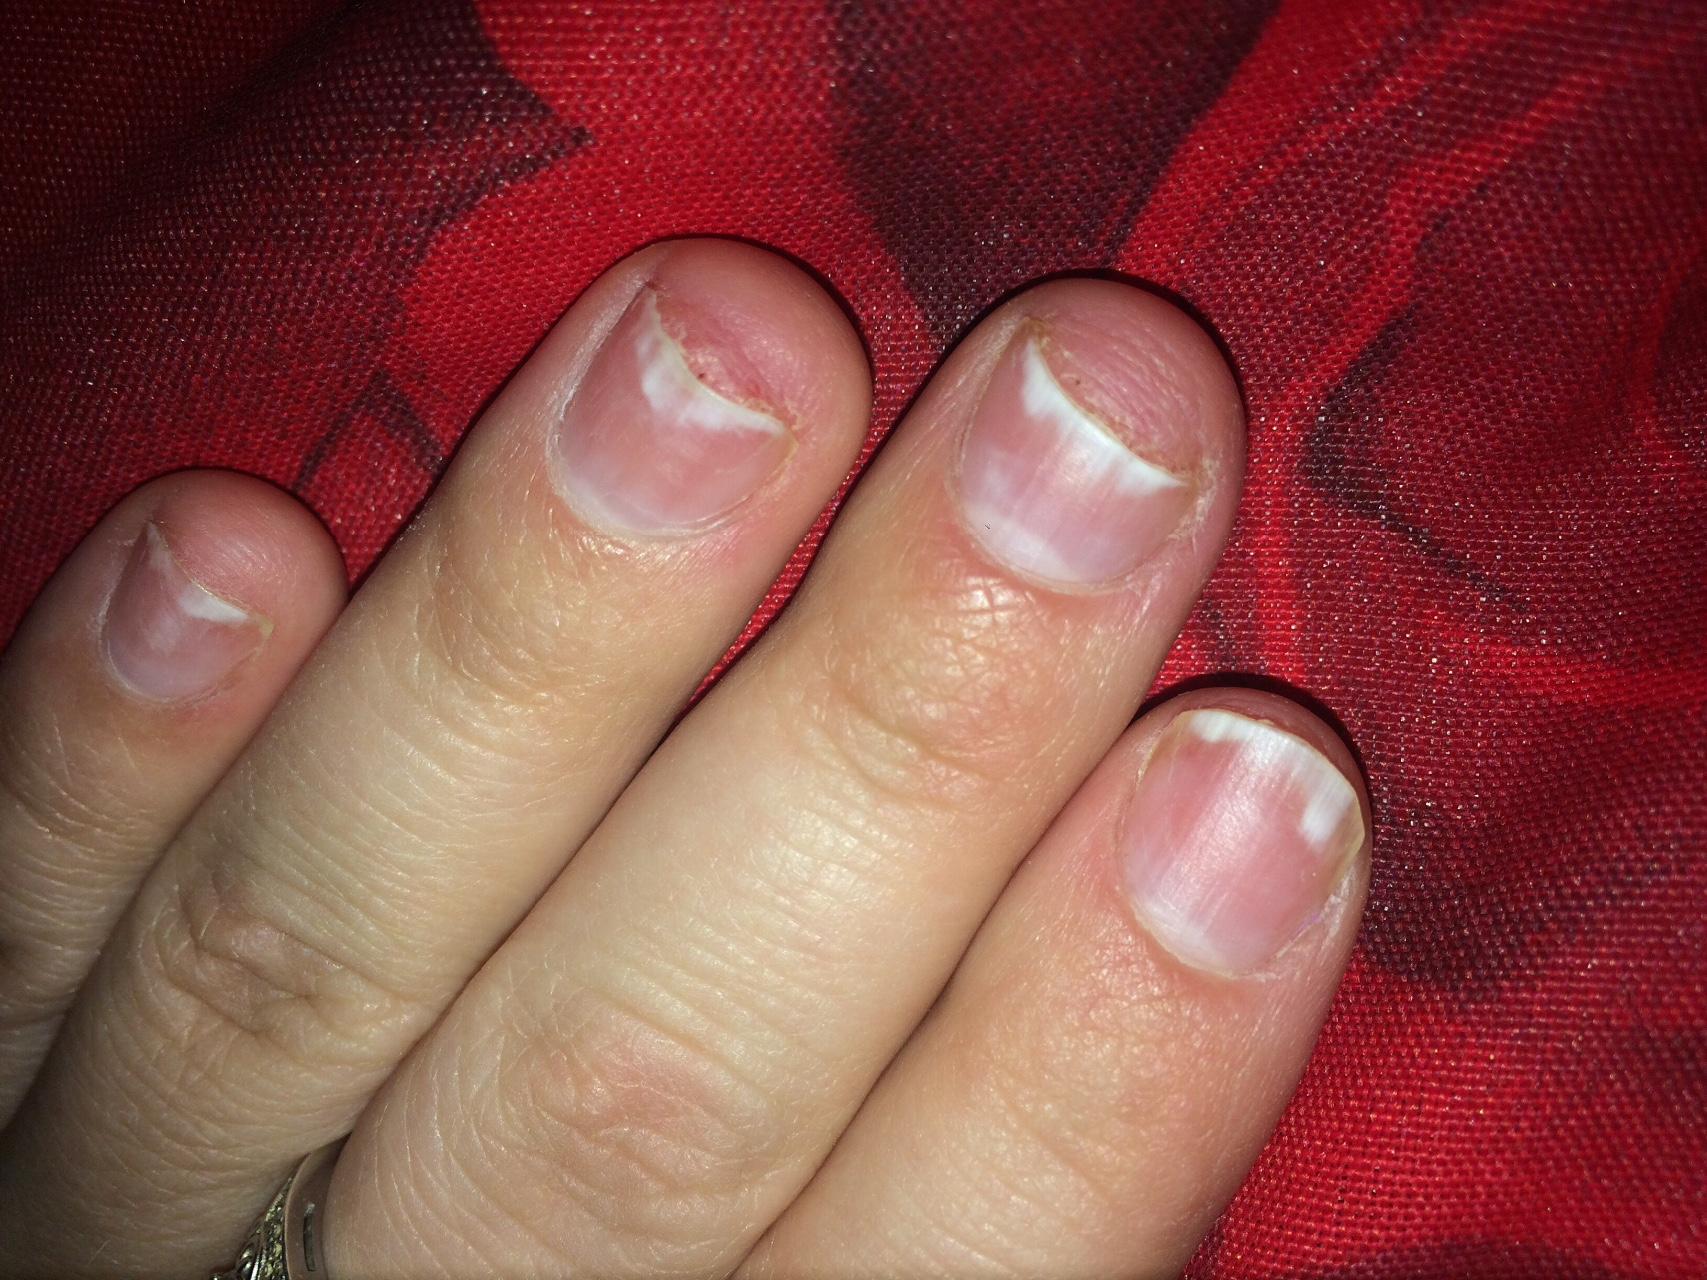 аллергия на ногтях после гель лака